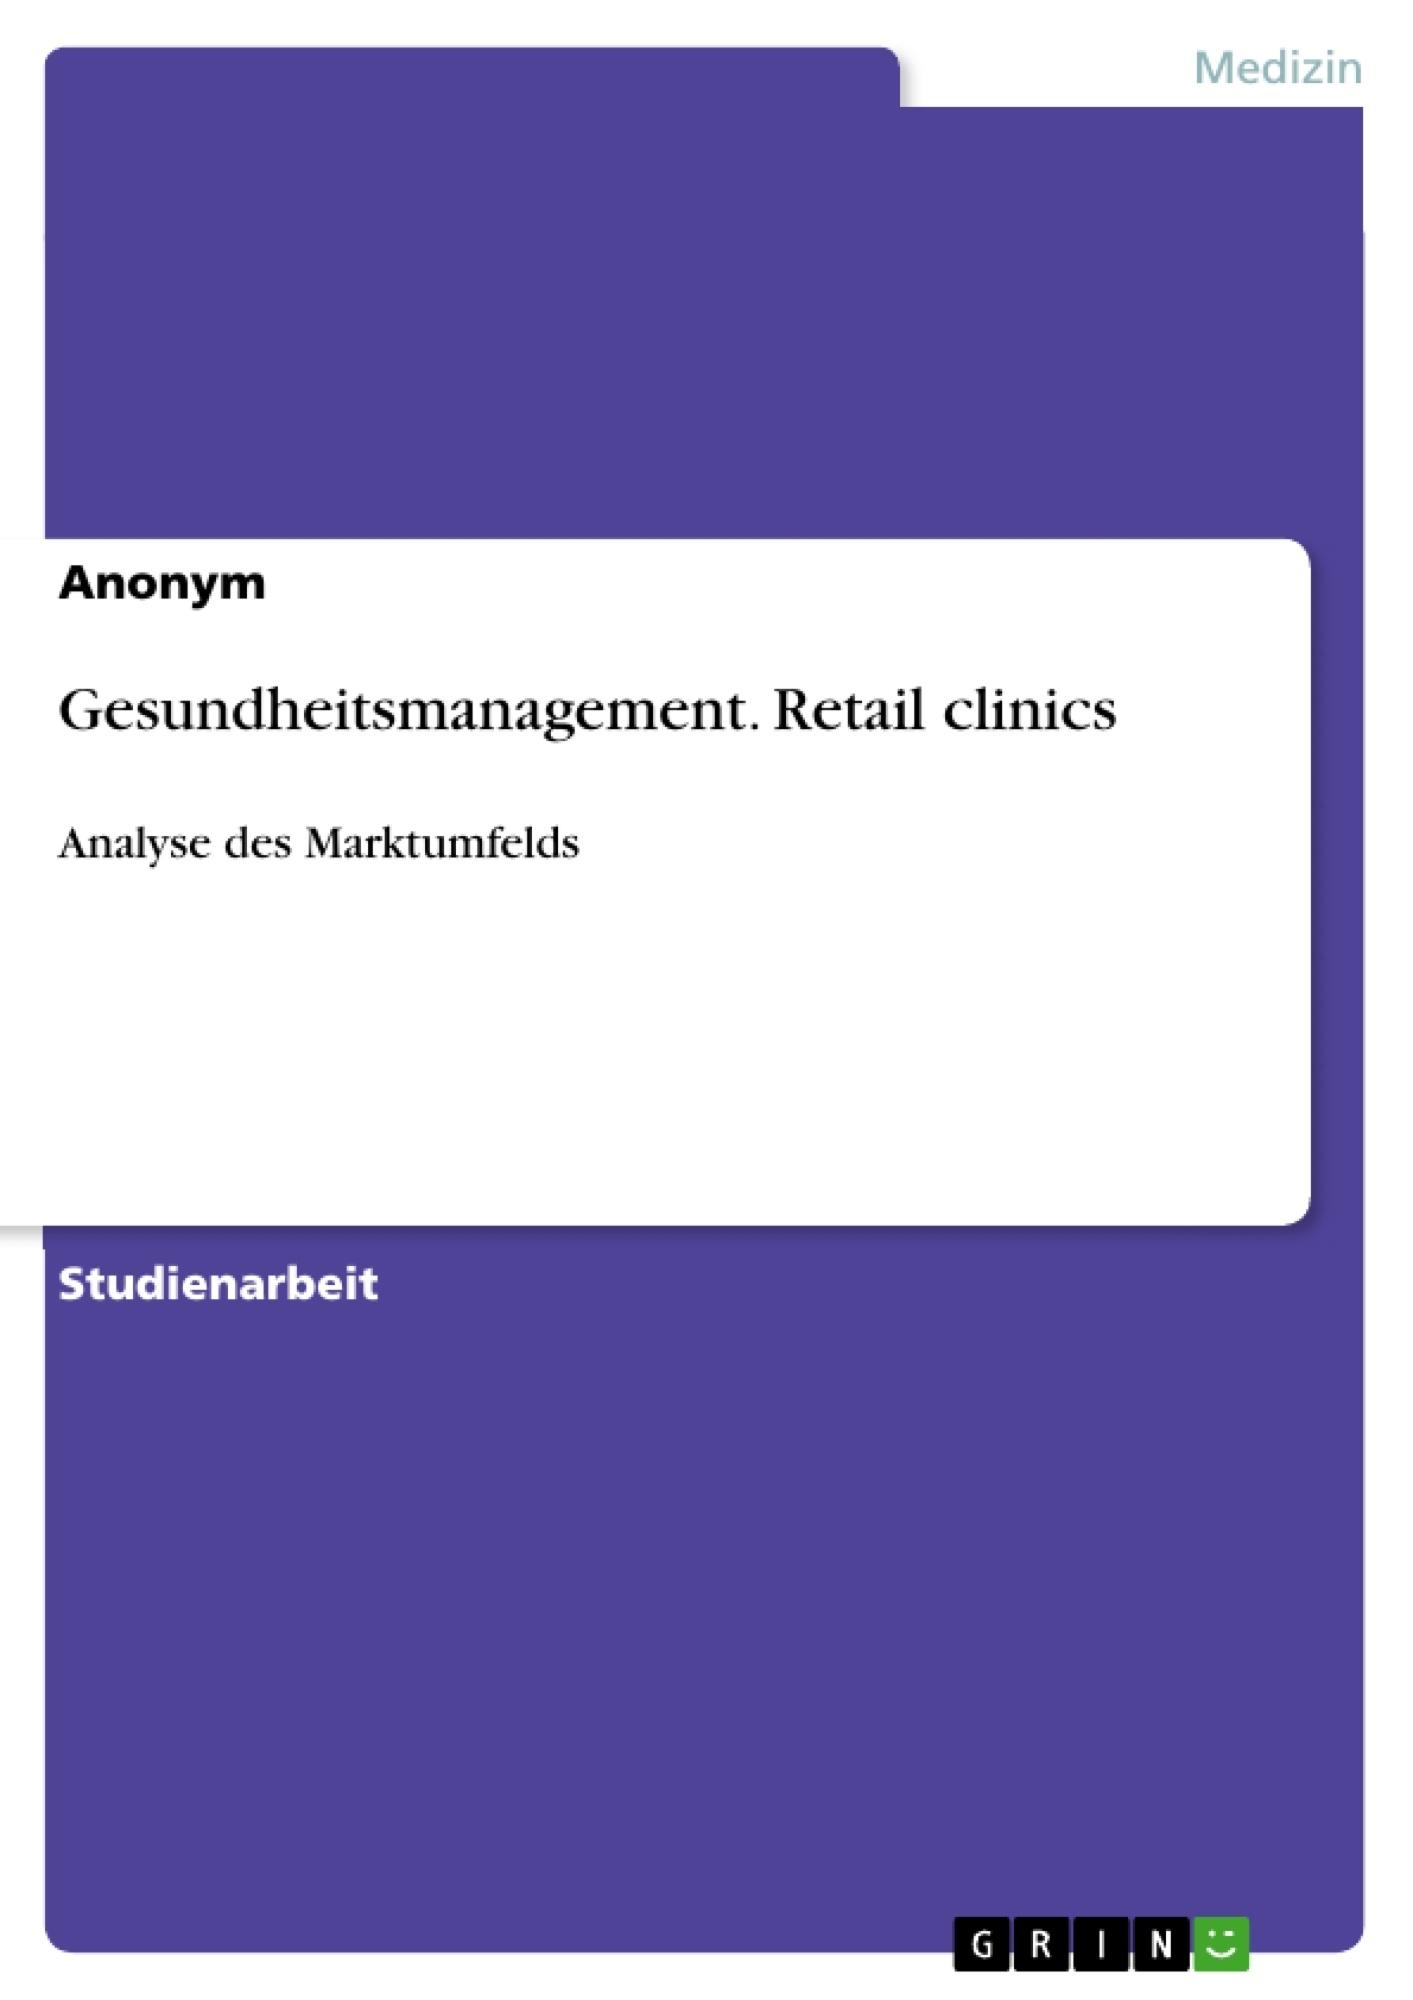 Titel: Gesundheitsmanagement. Retail clinics